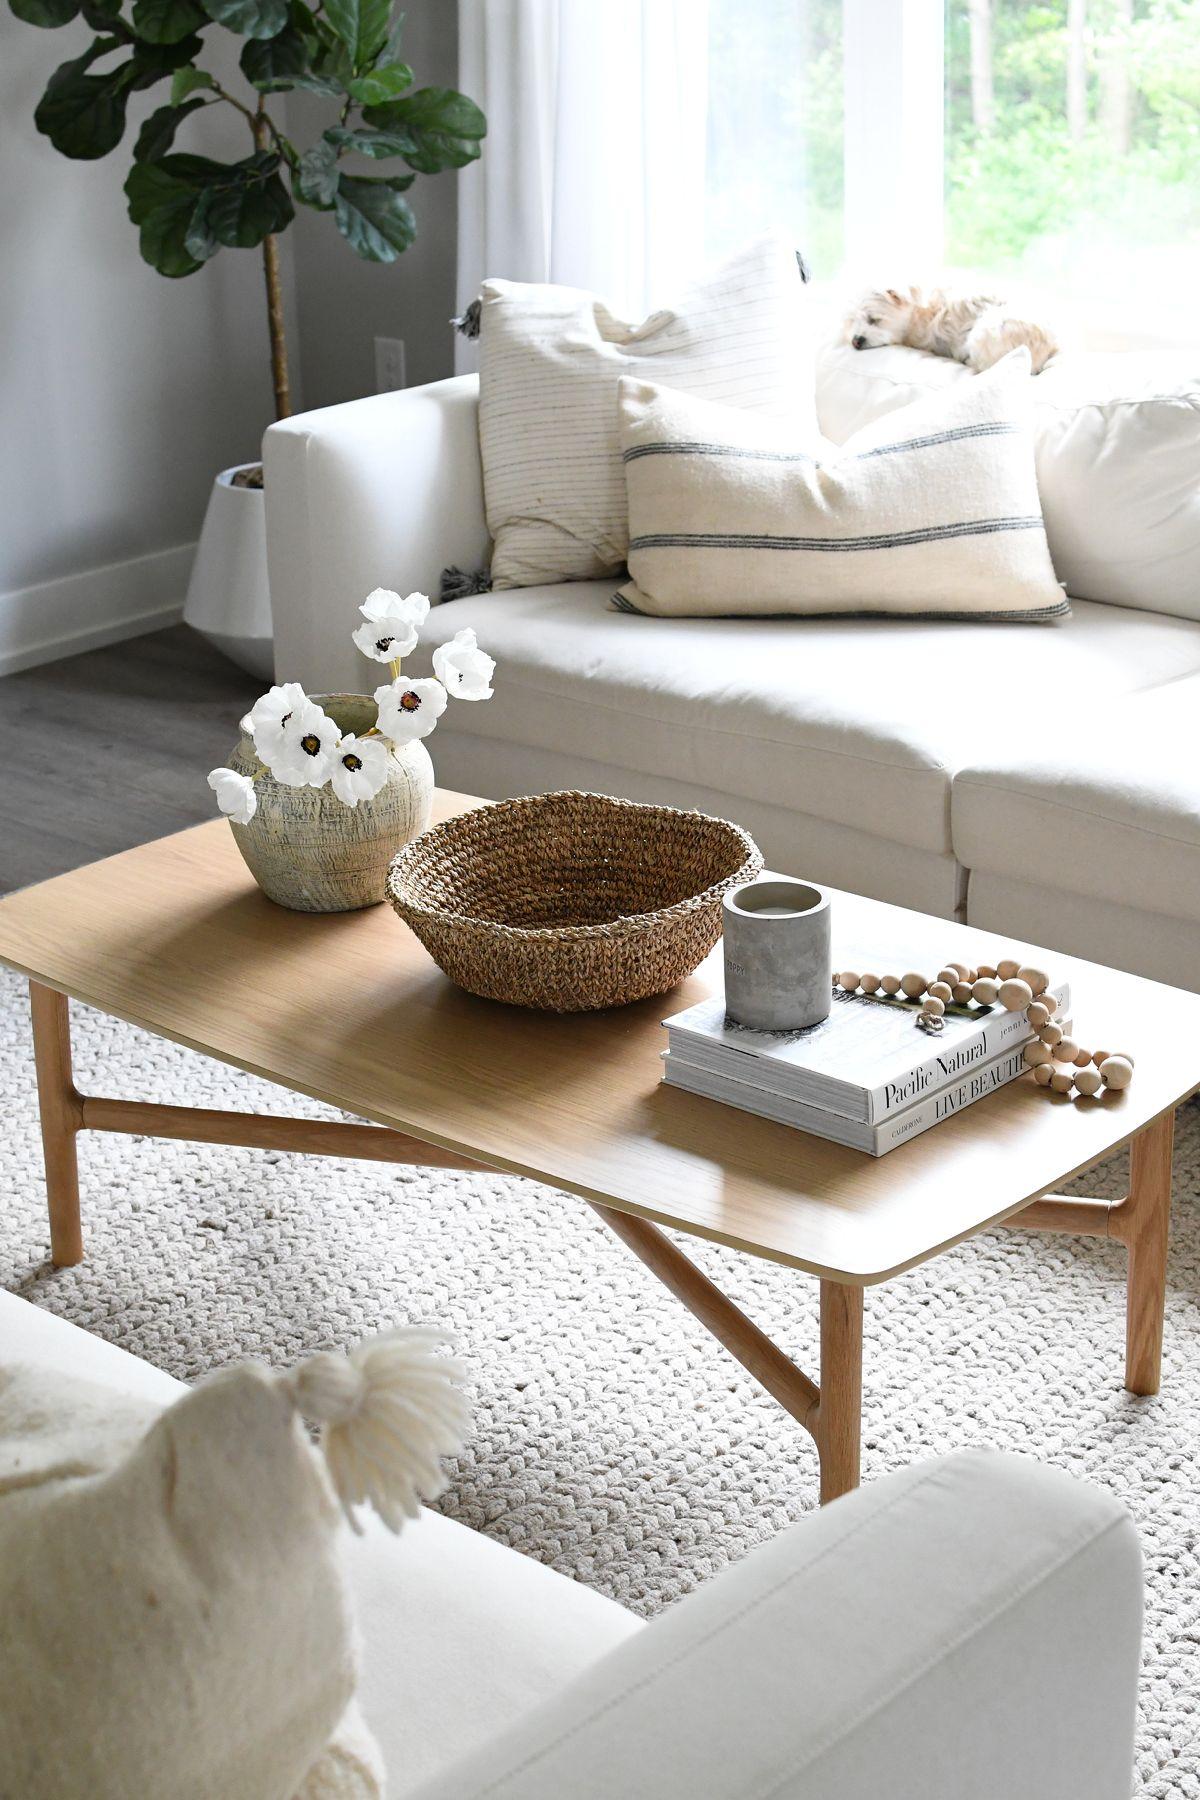 Brezza Light Oak Rectangular Coffee Table In 2021 Coffee Table Rectangular Coffee Table Oak Coffee Table [ 1800 x 1200 Pixel ]